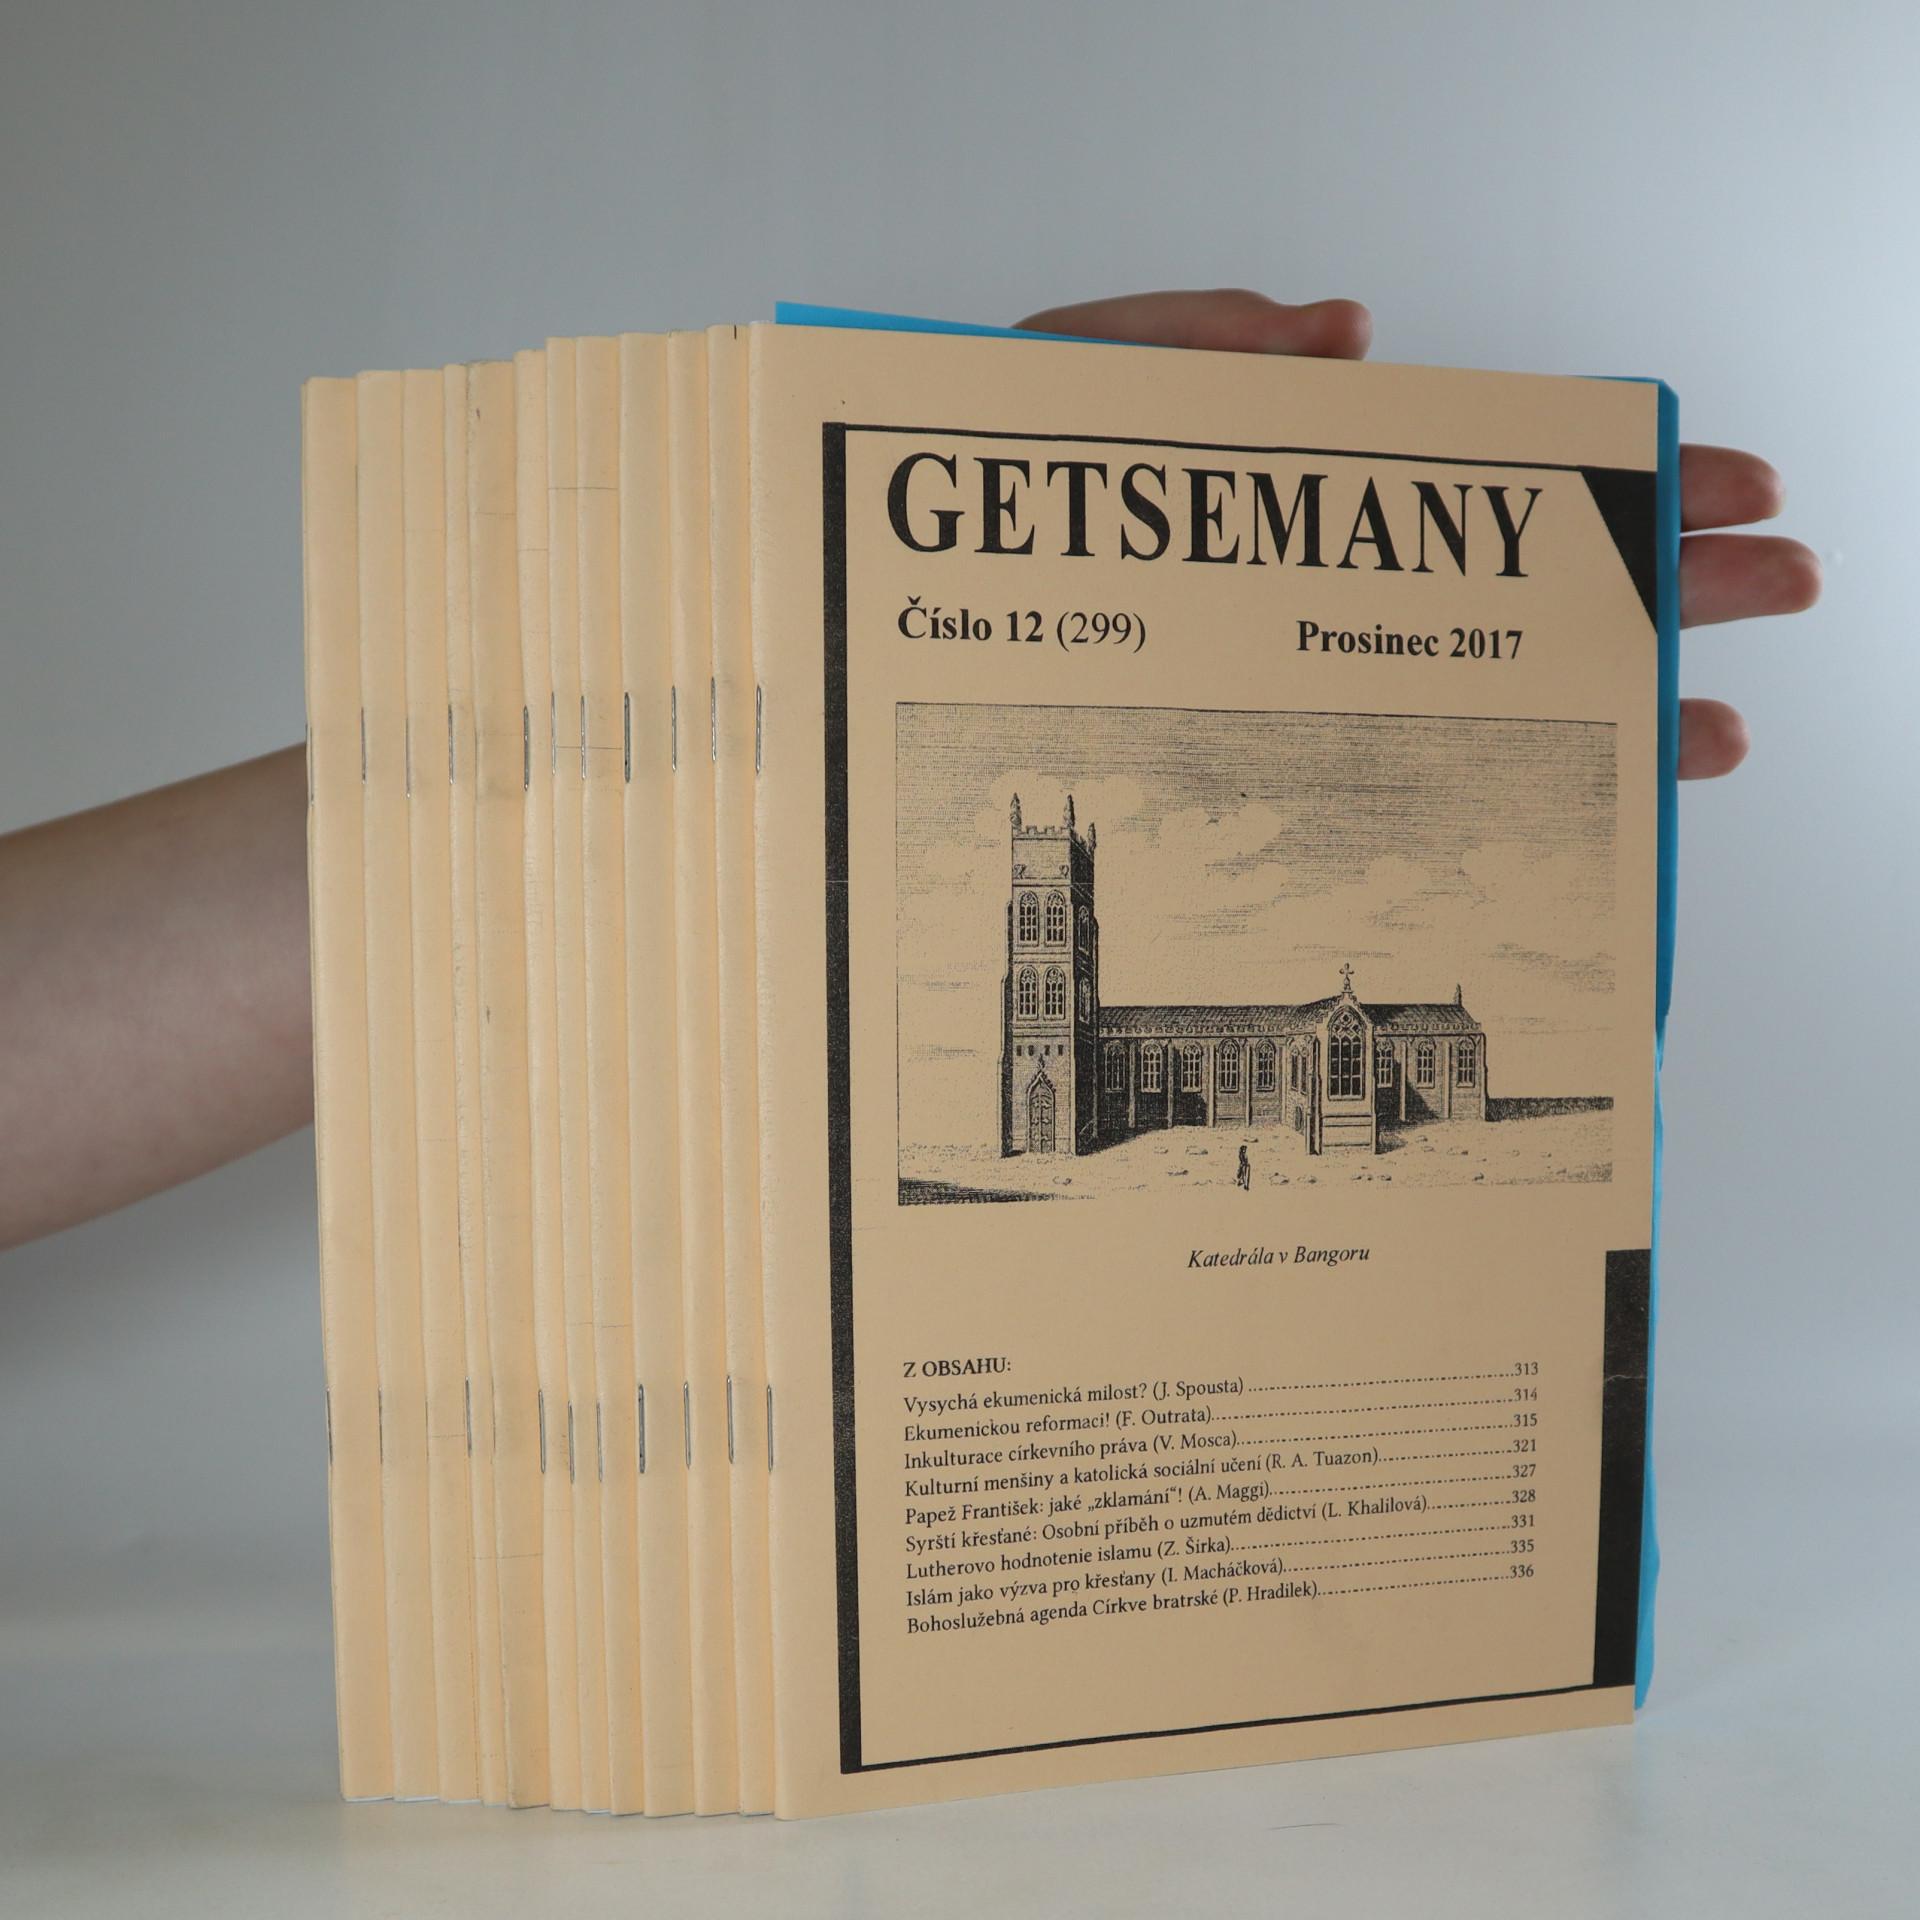 antikvární kniha Getsemany (čísla vypsány v poznámce), 2017-2018